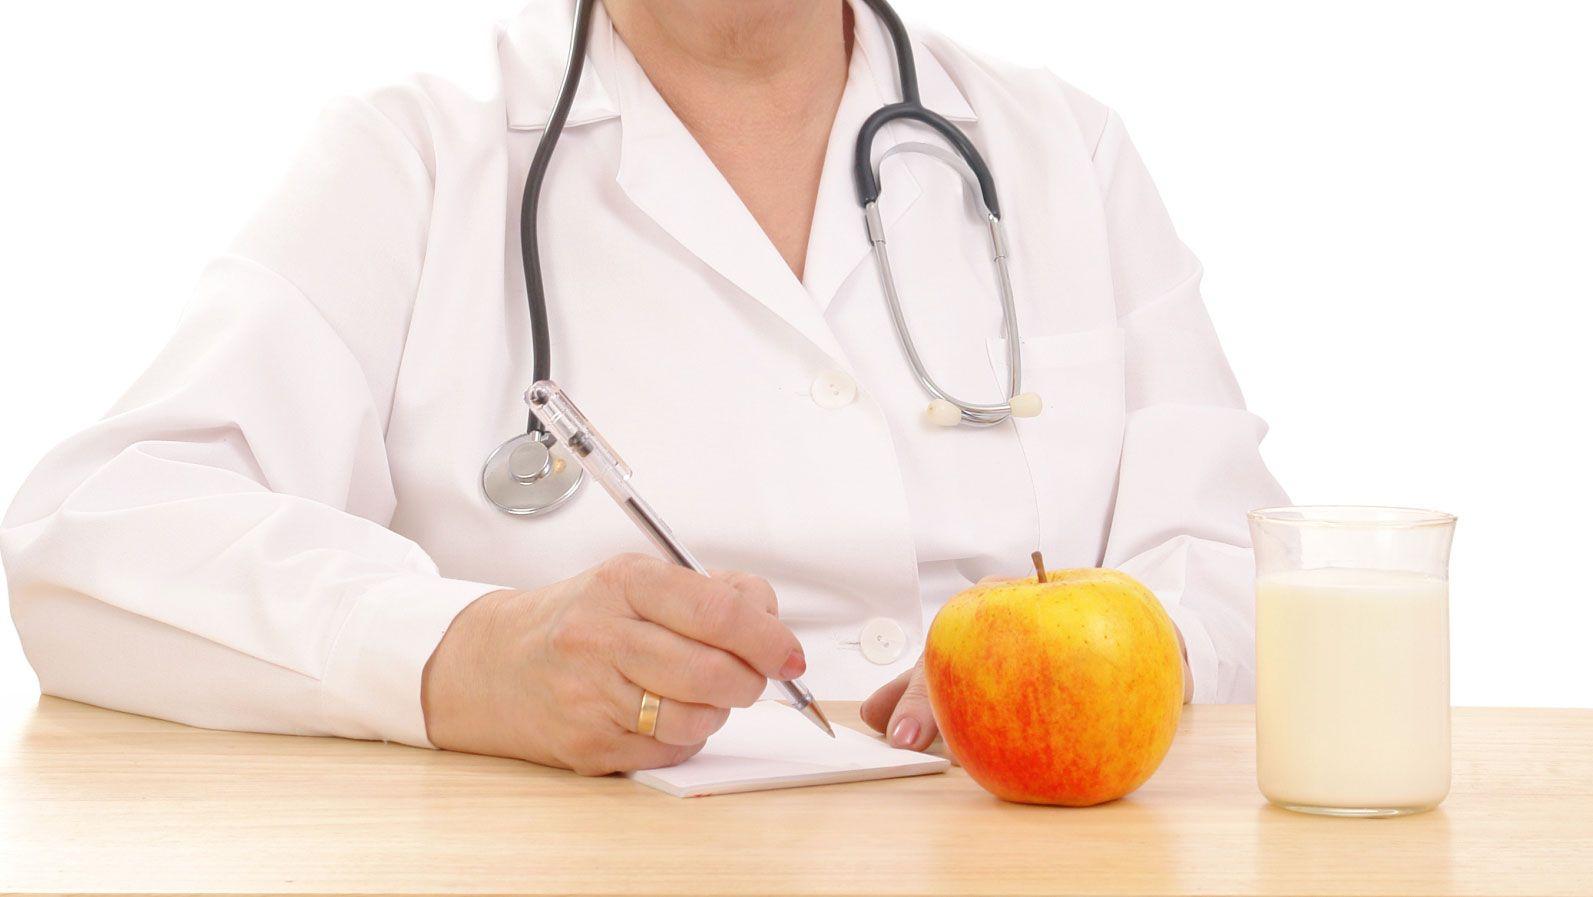 cuidados riñón - revisión